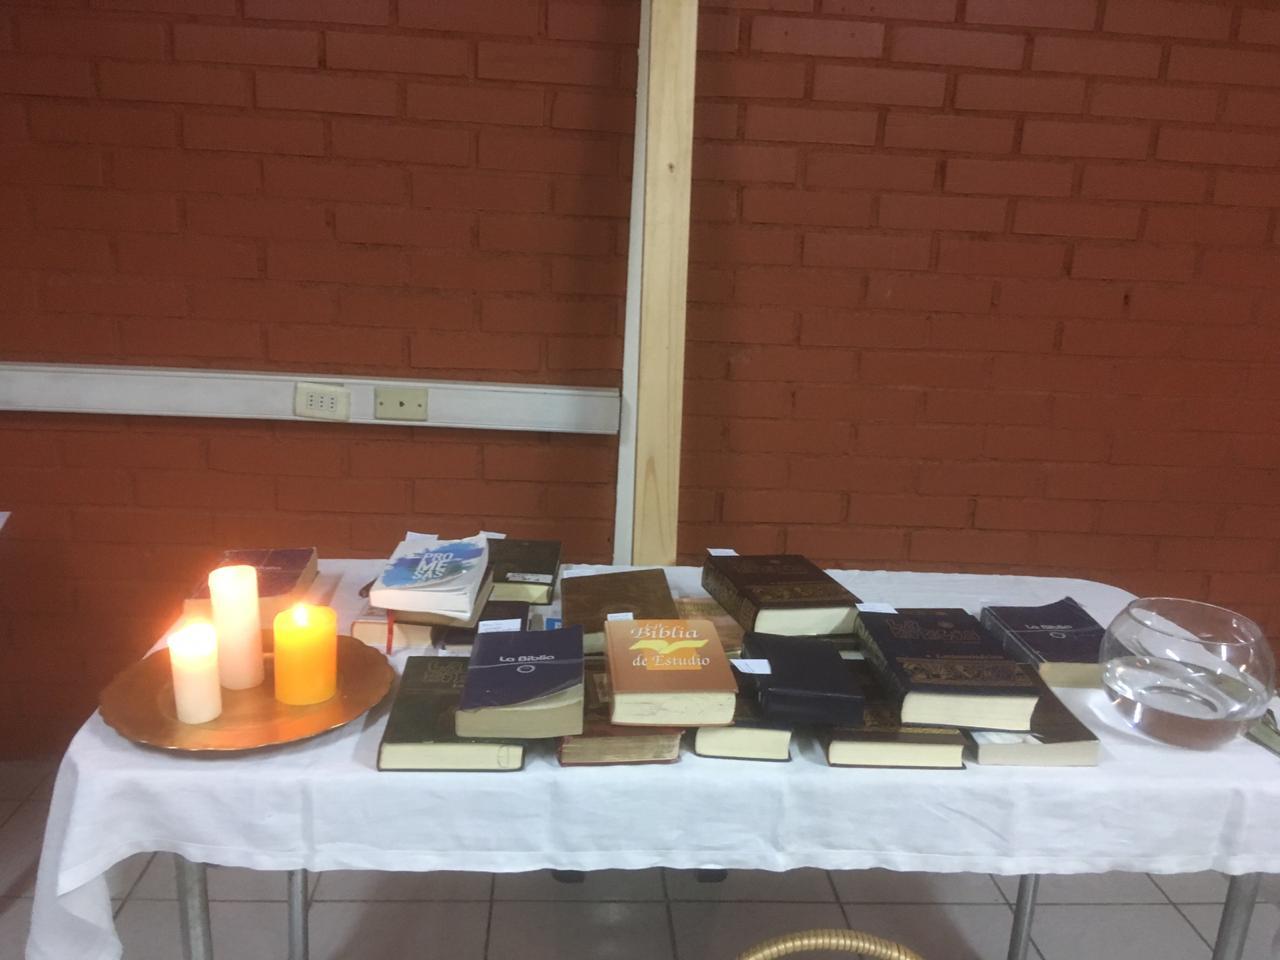 Entrega de biblias y pentecostés4